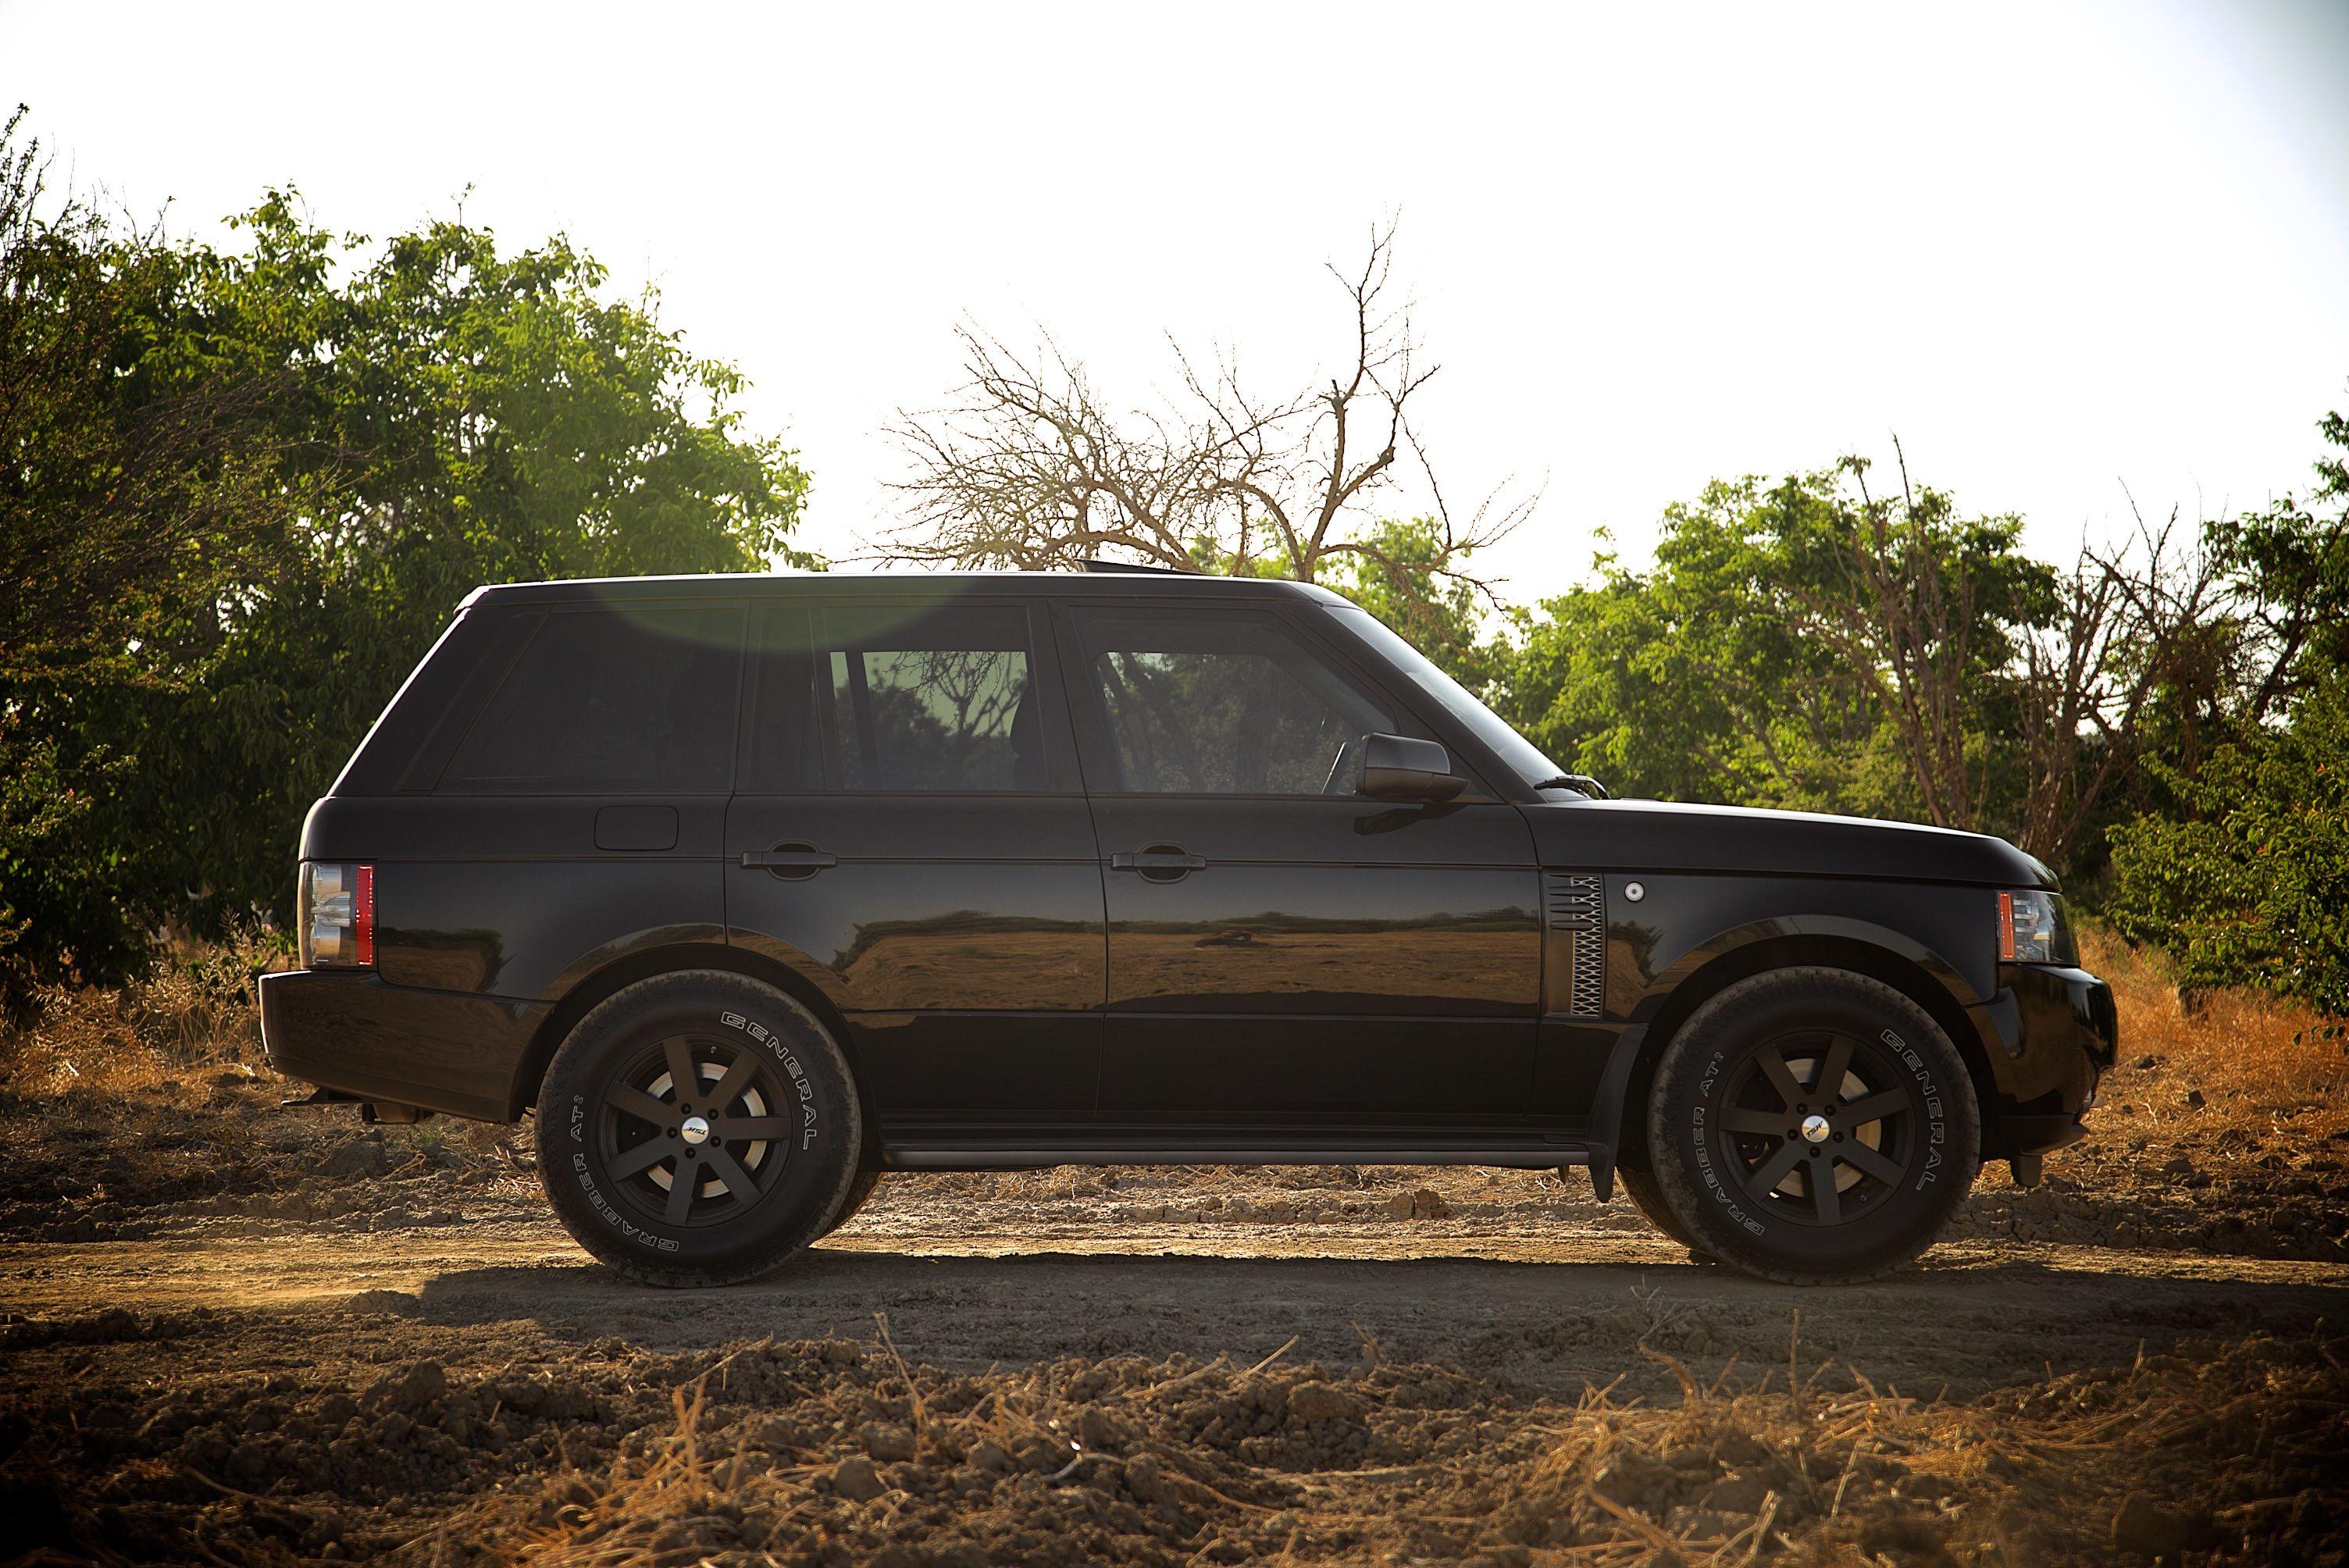 2010 L322 facelift full size range rover HSE